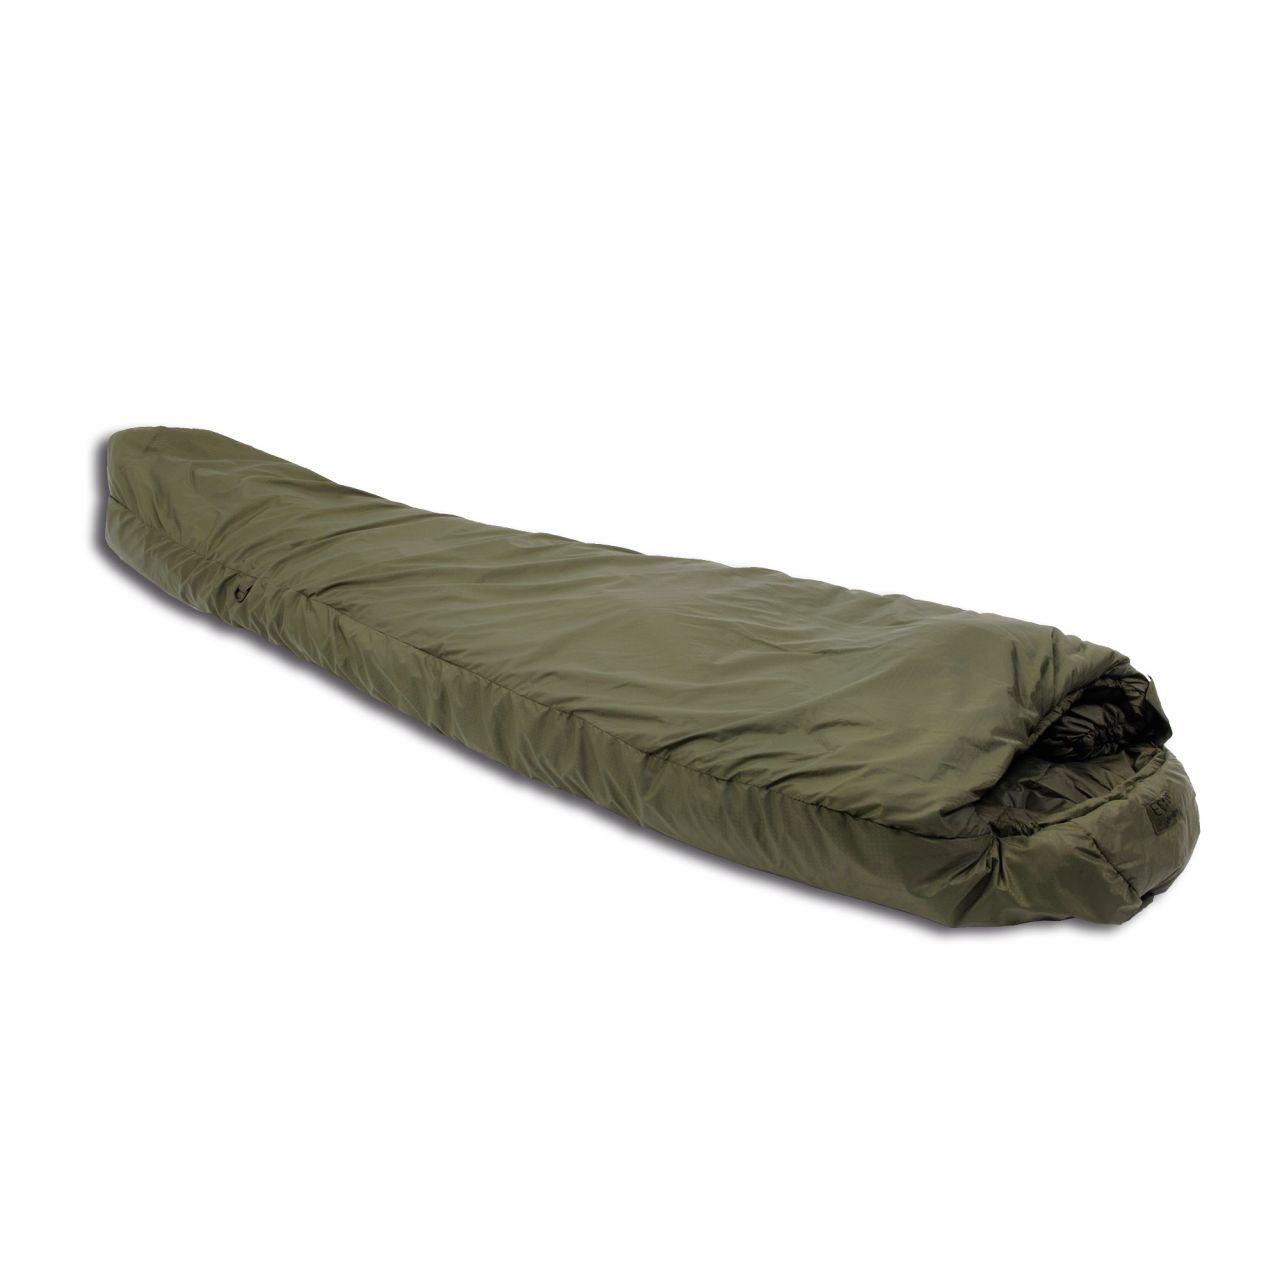 Saco de dormir Snugpak Elite 5 verde oliva